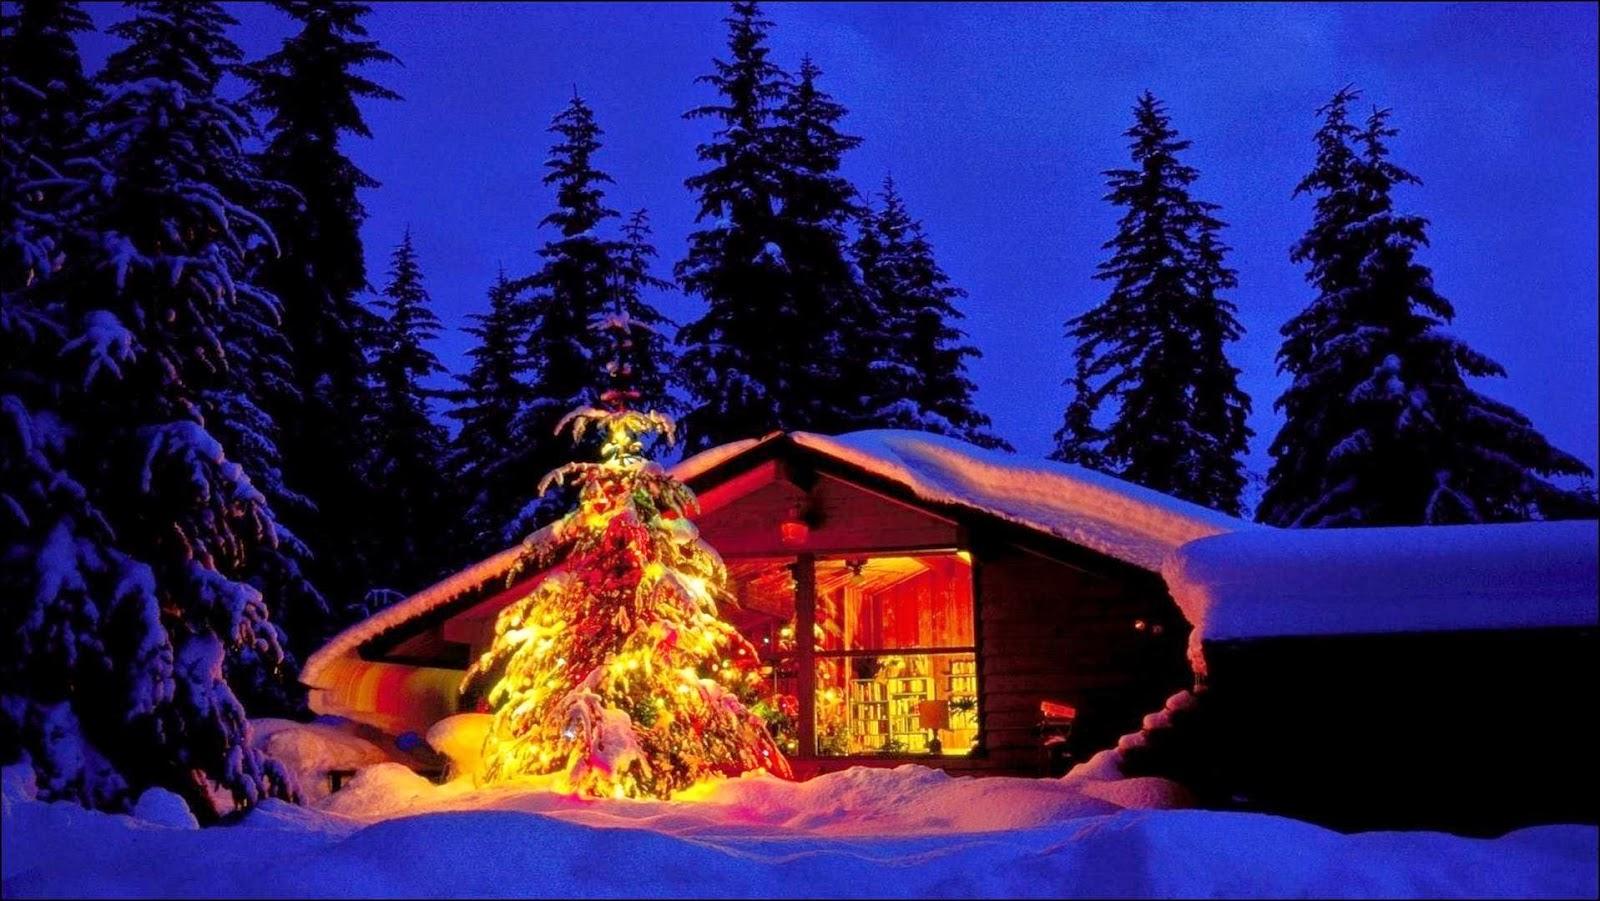 Fotografía de cabaña con arbol iluminado